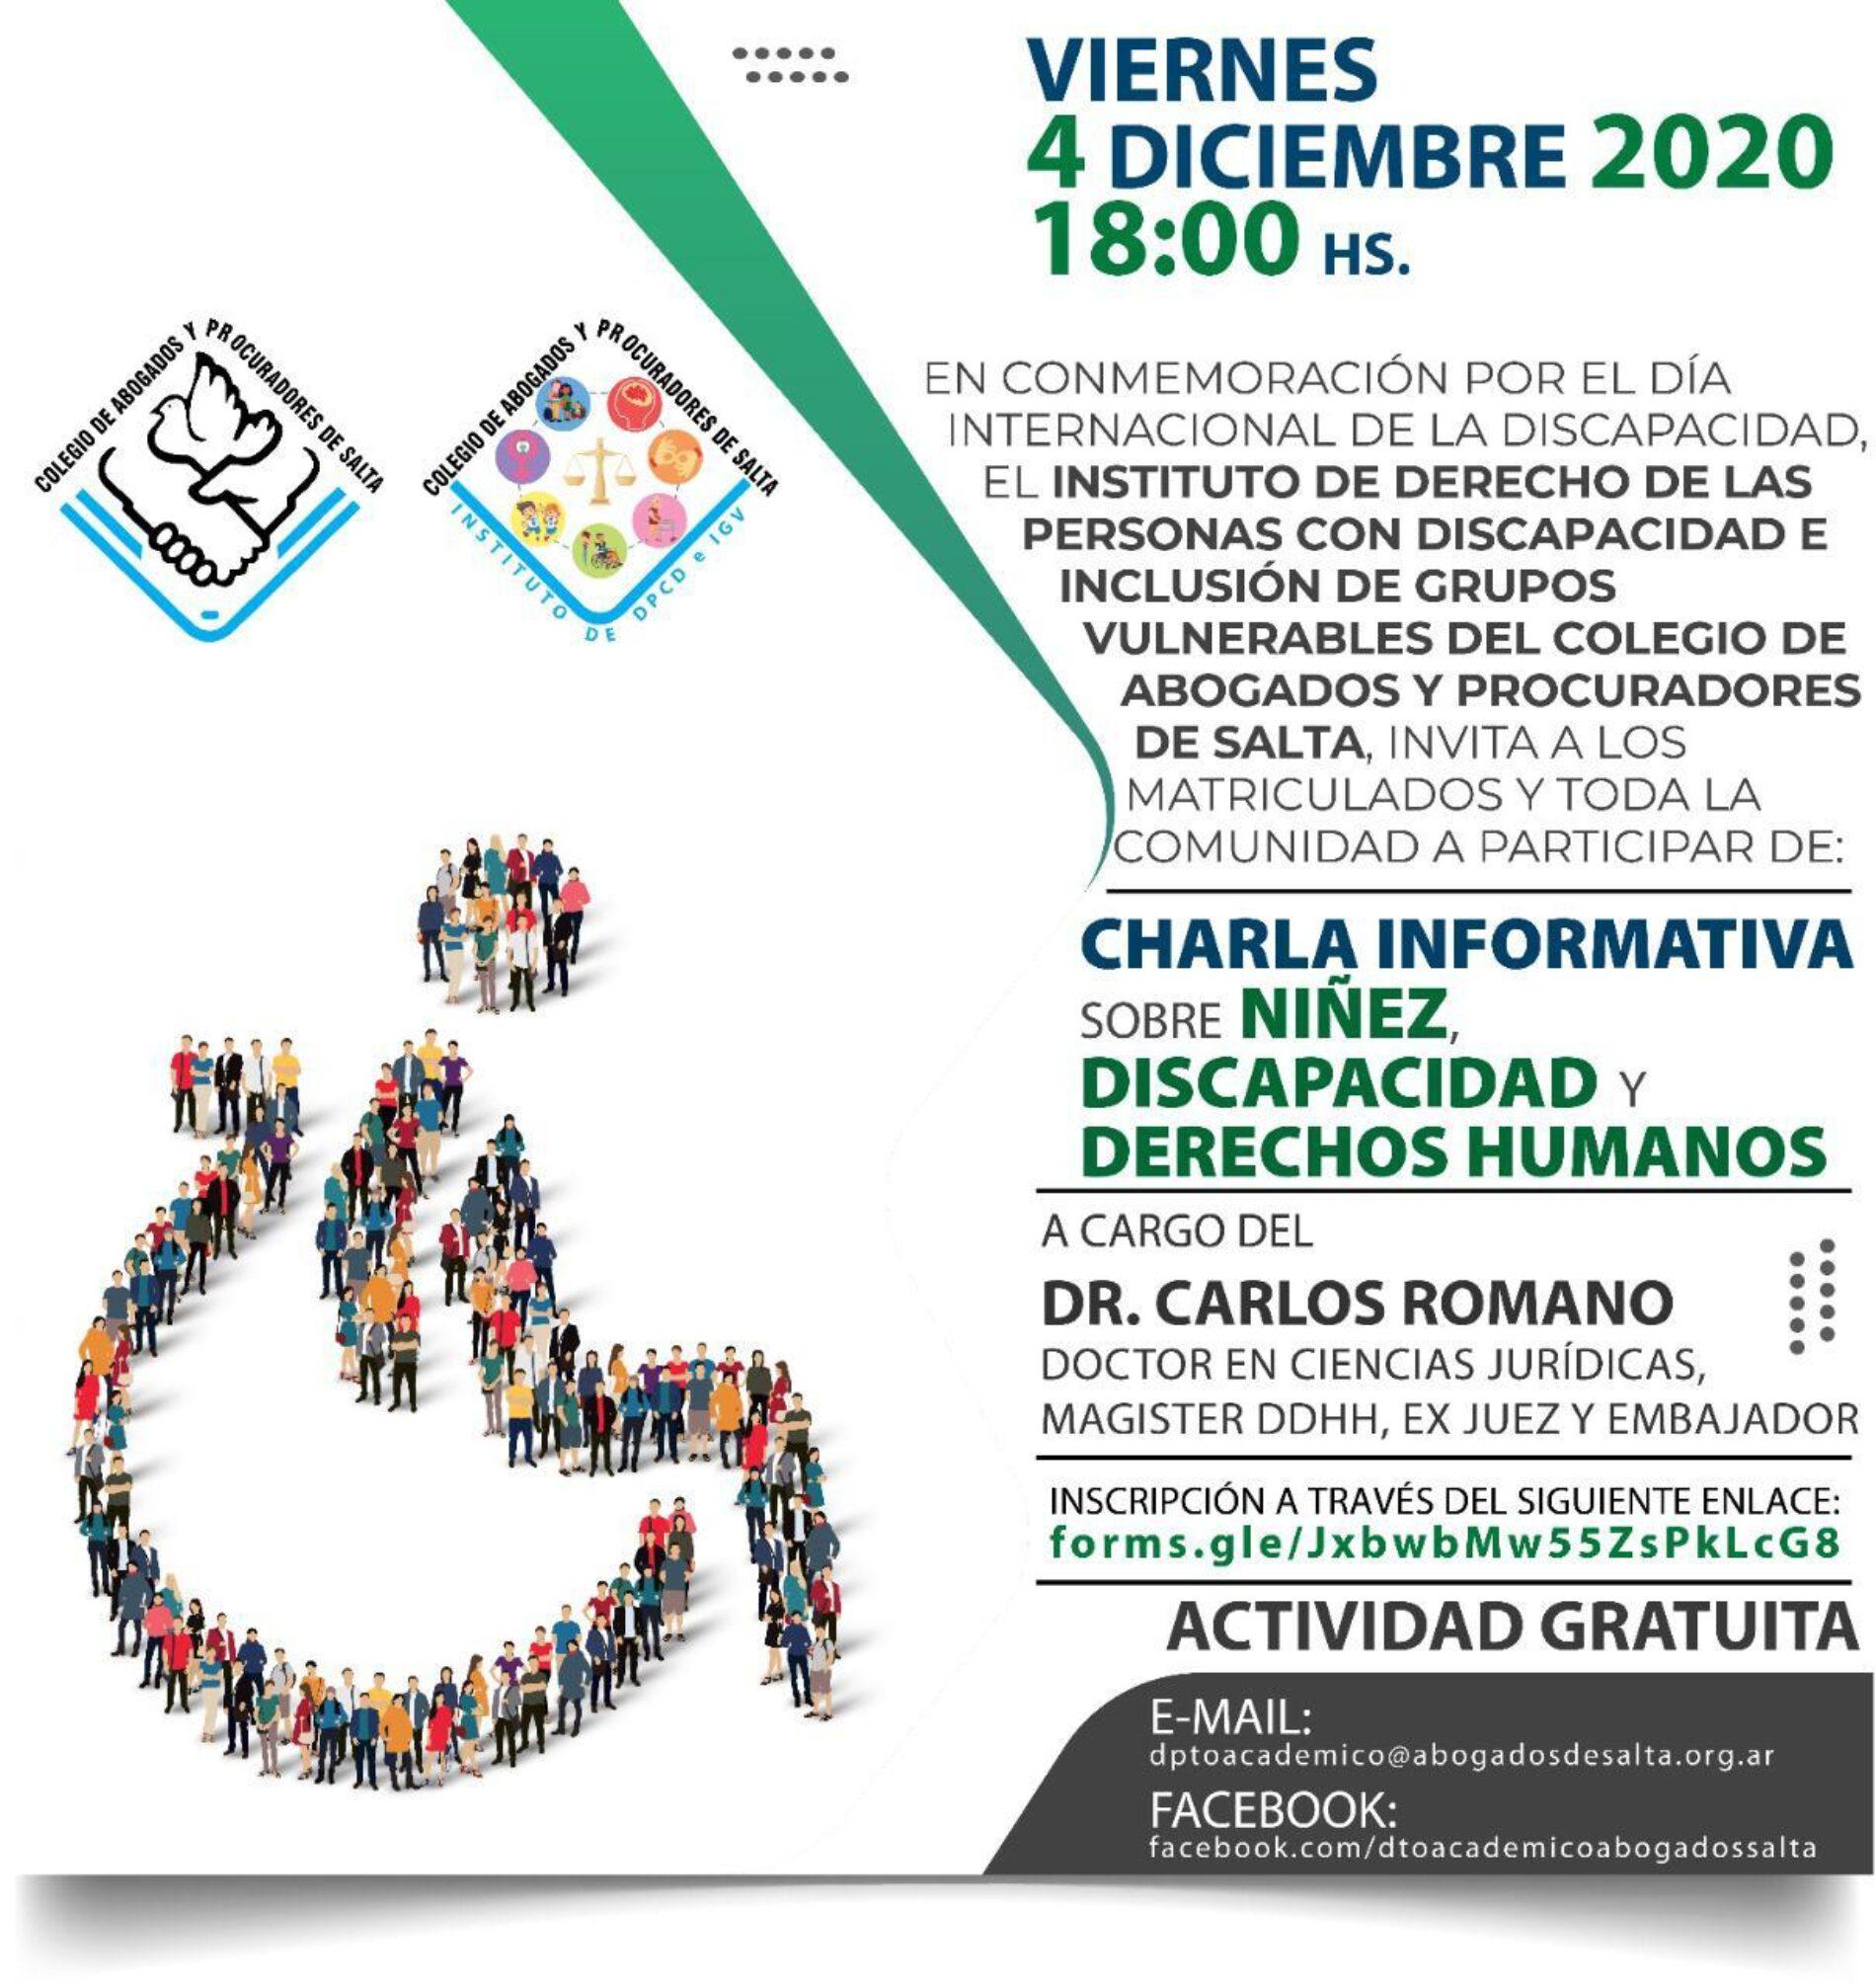 CHARLA INFORMATIVA SOBRE NIÑEZ, DISCAPACIDAD Y DERECHOS HUMANOS – Dr. Carlos Romano